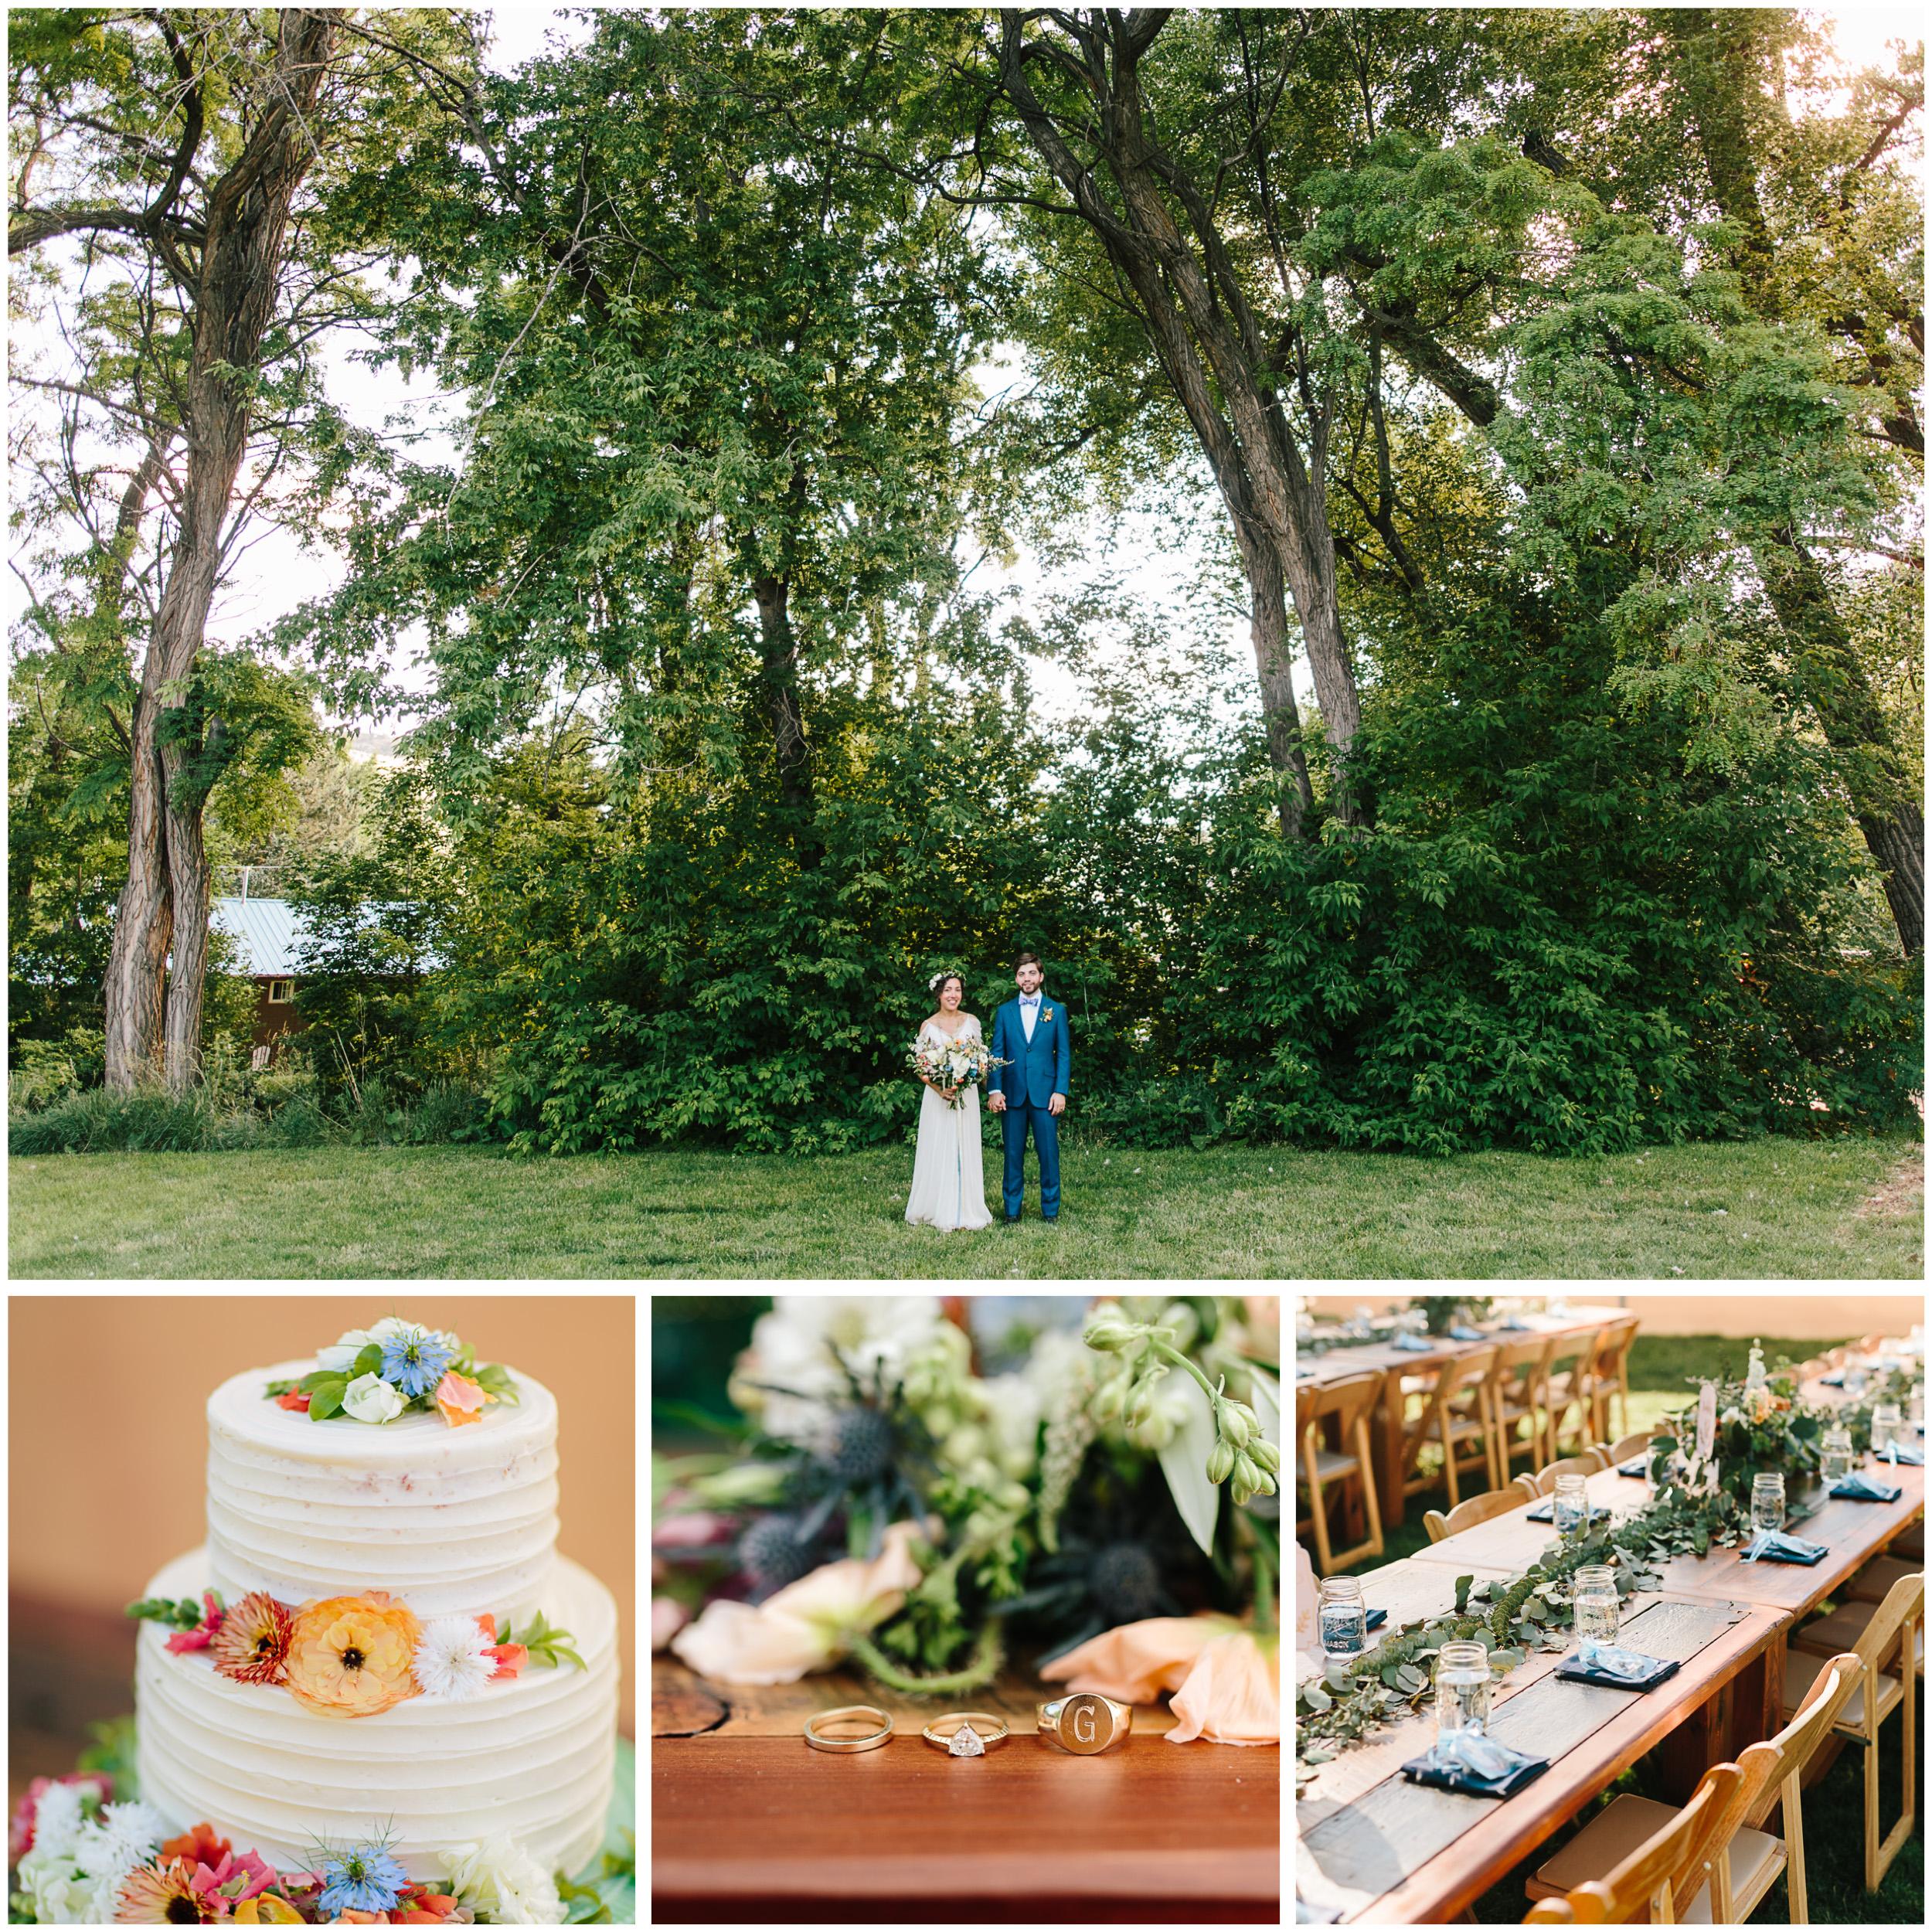 lyons_colorado_wedding_header.jpg